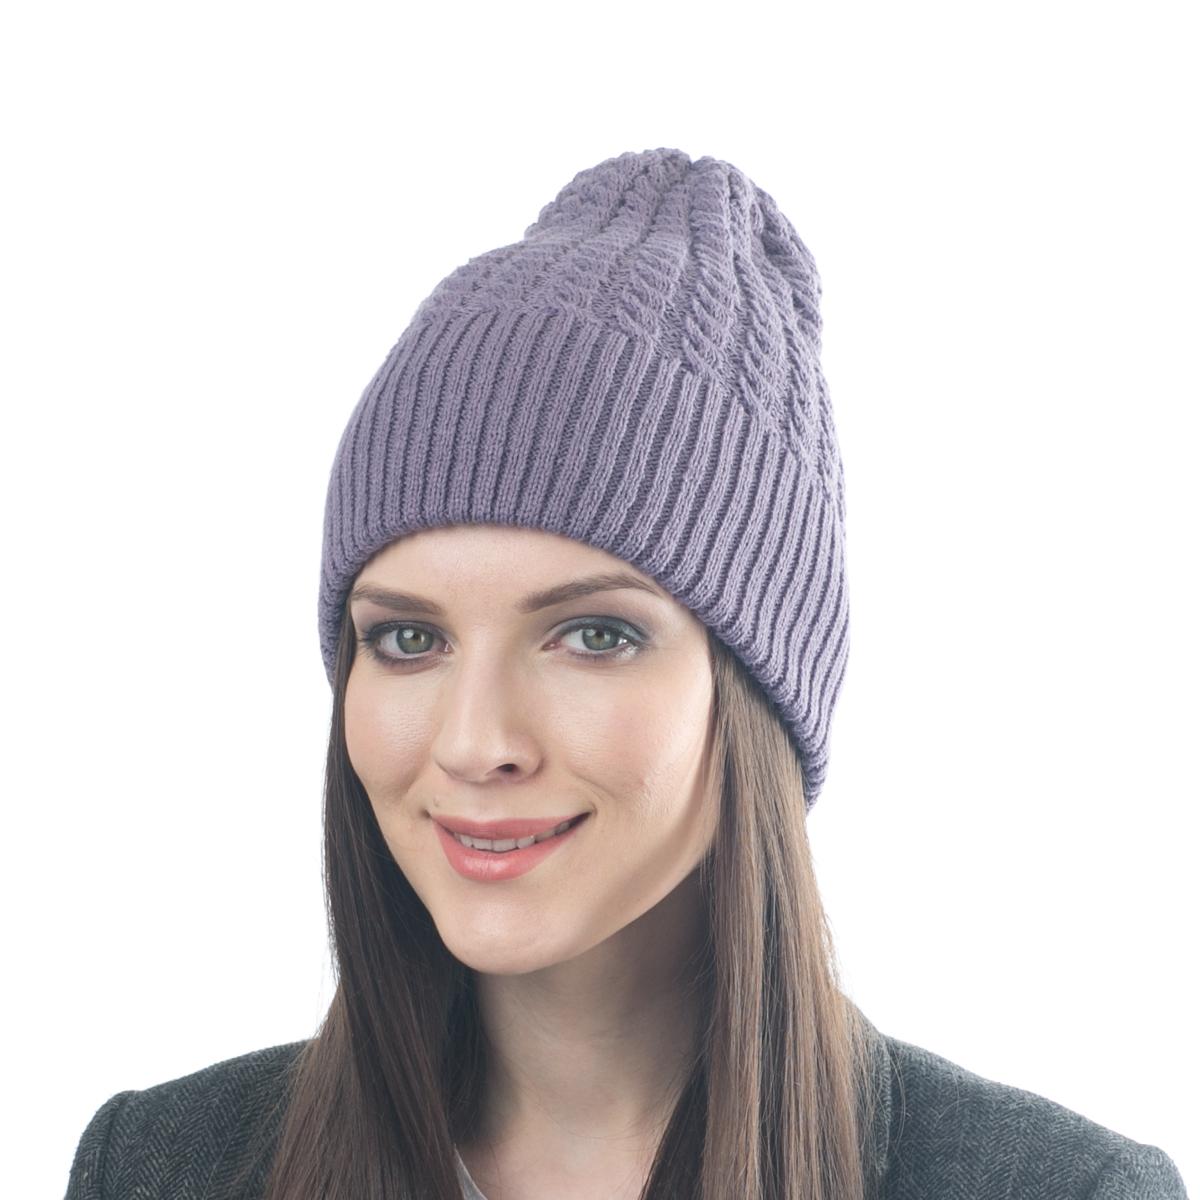 Шапка07FJСтильная двусторонняя шапка Flioraj выполнена из шерсти с добавлением вискозы и полиамида. Модель имеет крупную плотную вязку и оформлена оригинальным вязаным рисунком. Уважаемые клиенты! Размер, доступный для заказа, является обхватом головы.